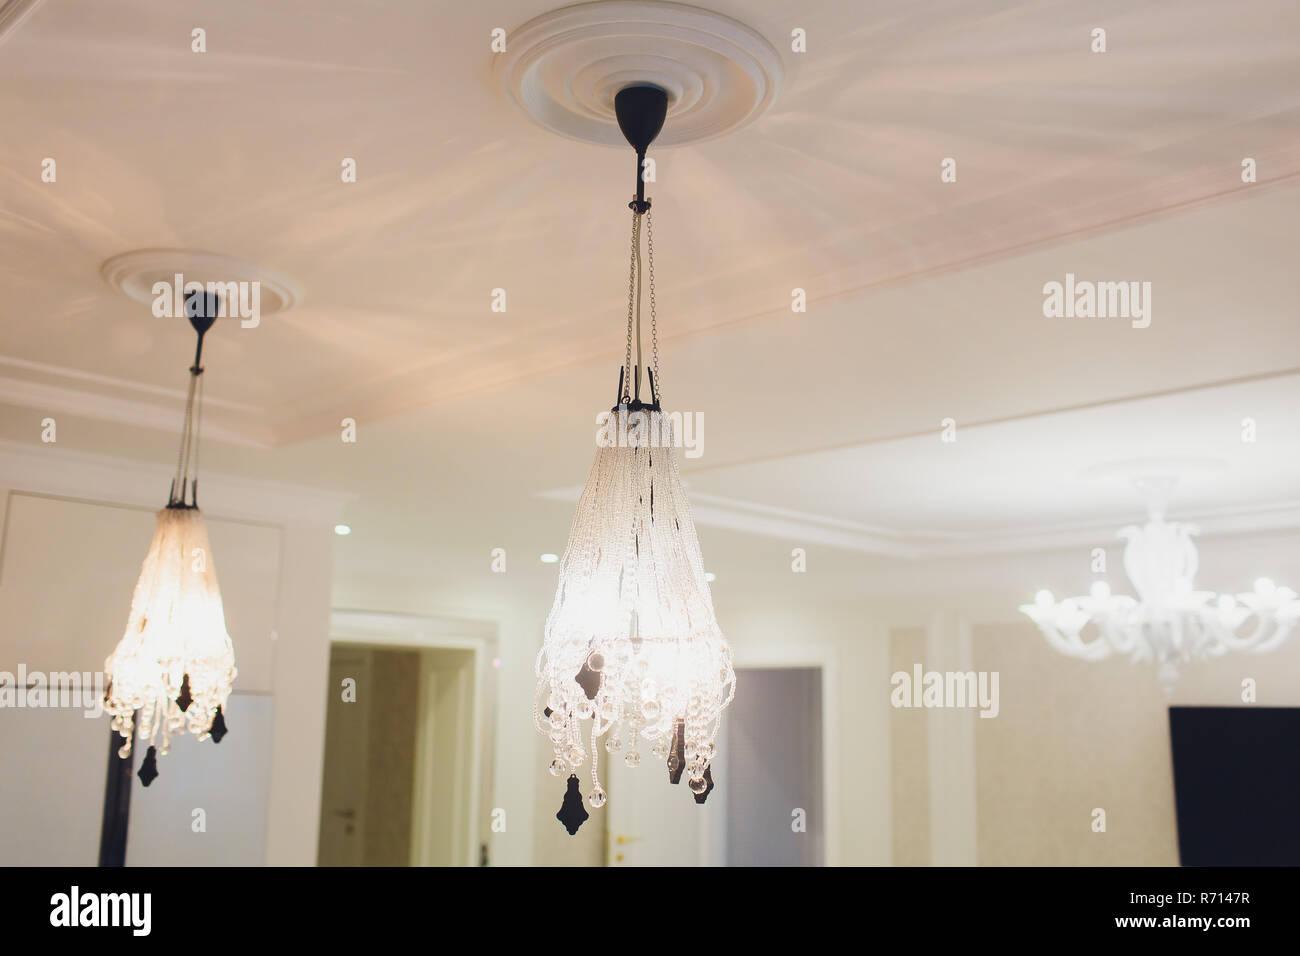 Moderne Kronleuchter für Haus die beste Beleuchtung für ...